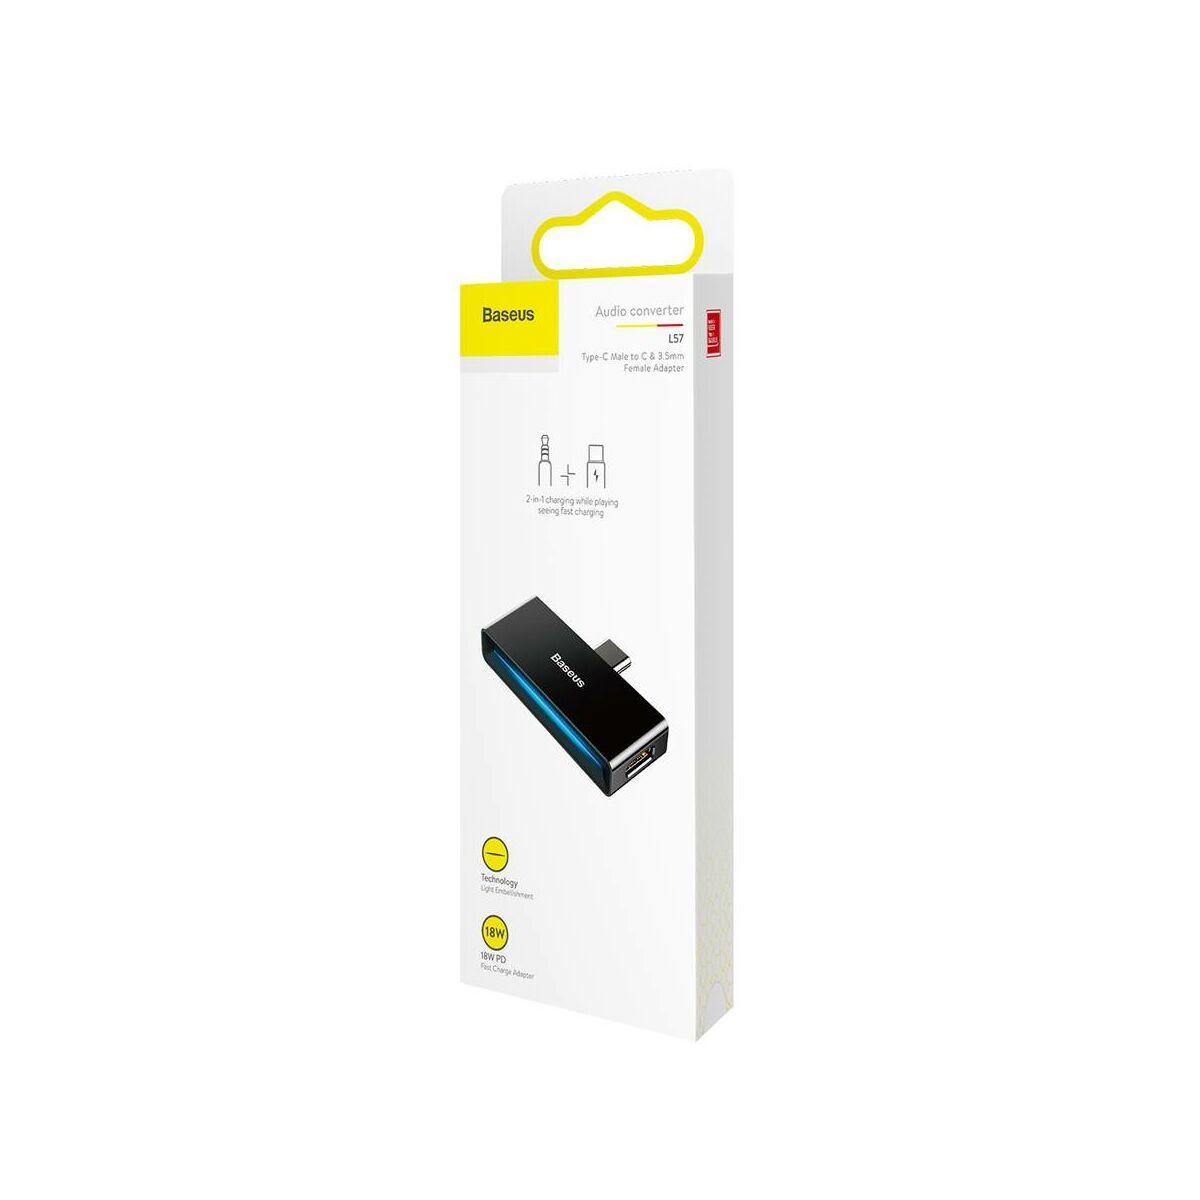 Baseus átalakító, L57 Type-C [apa] - Type-C + 3.5 mm [anya] adapter, fekete (CATL57-01)